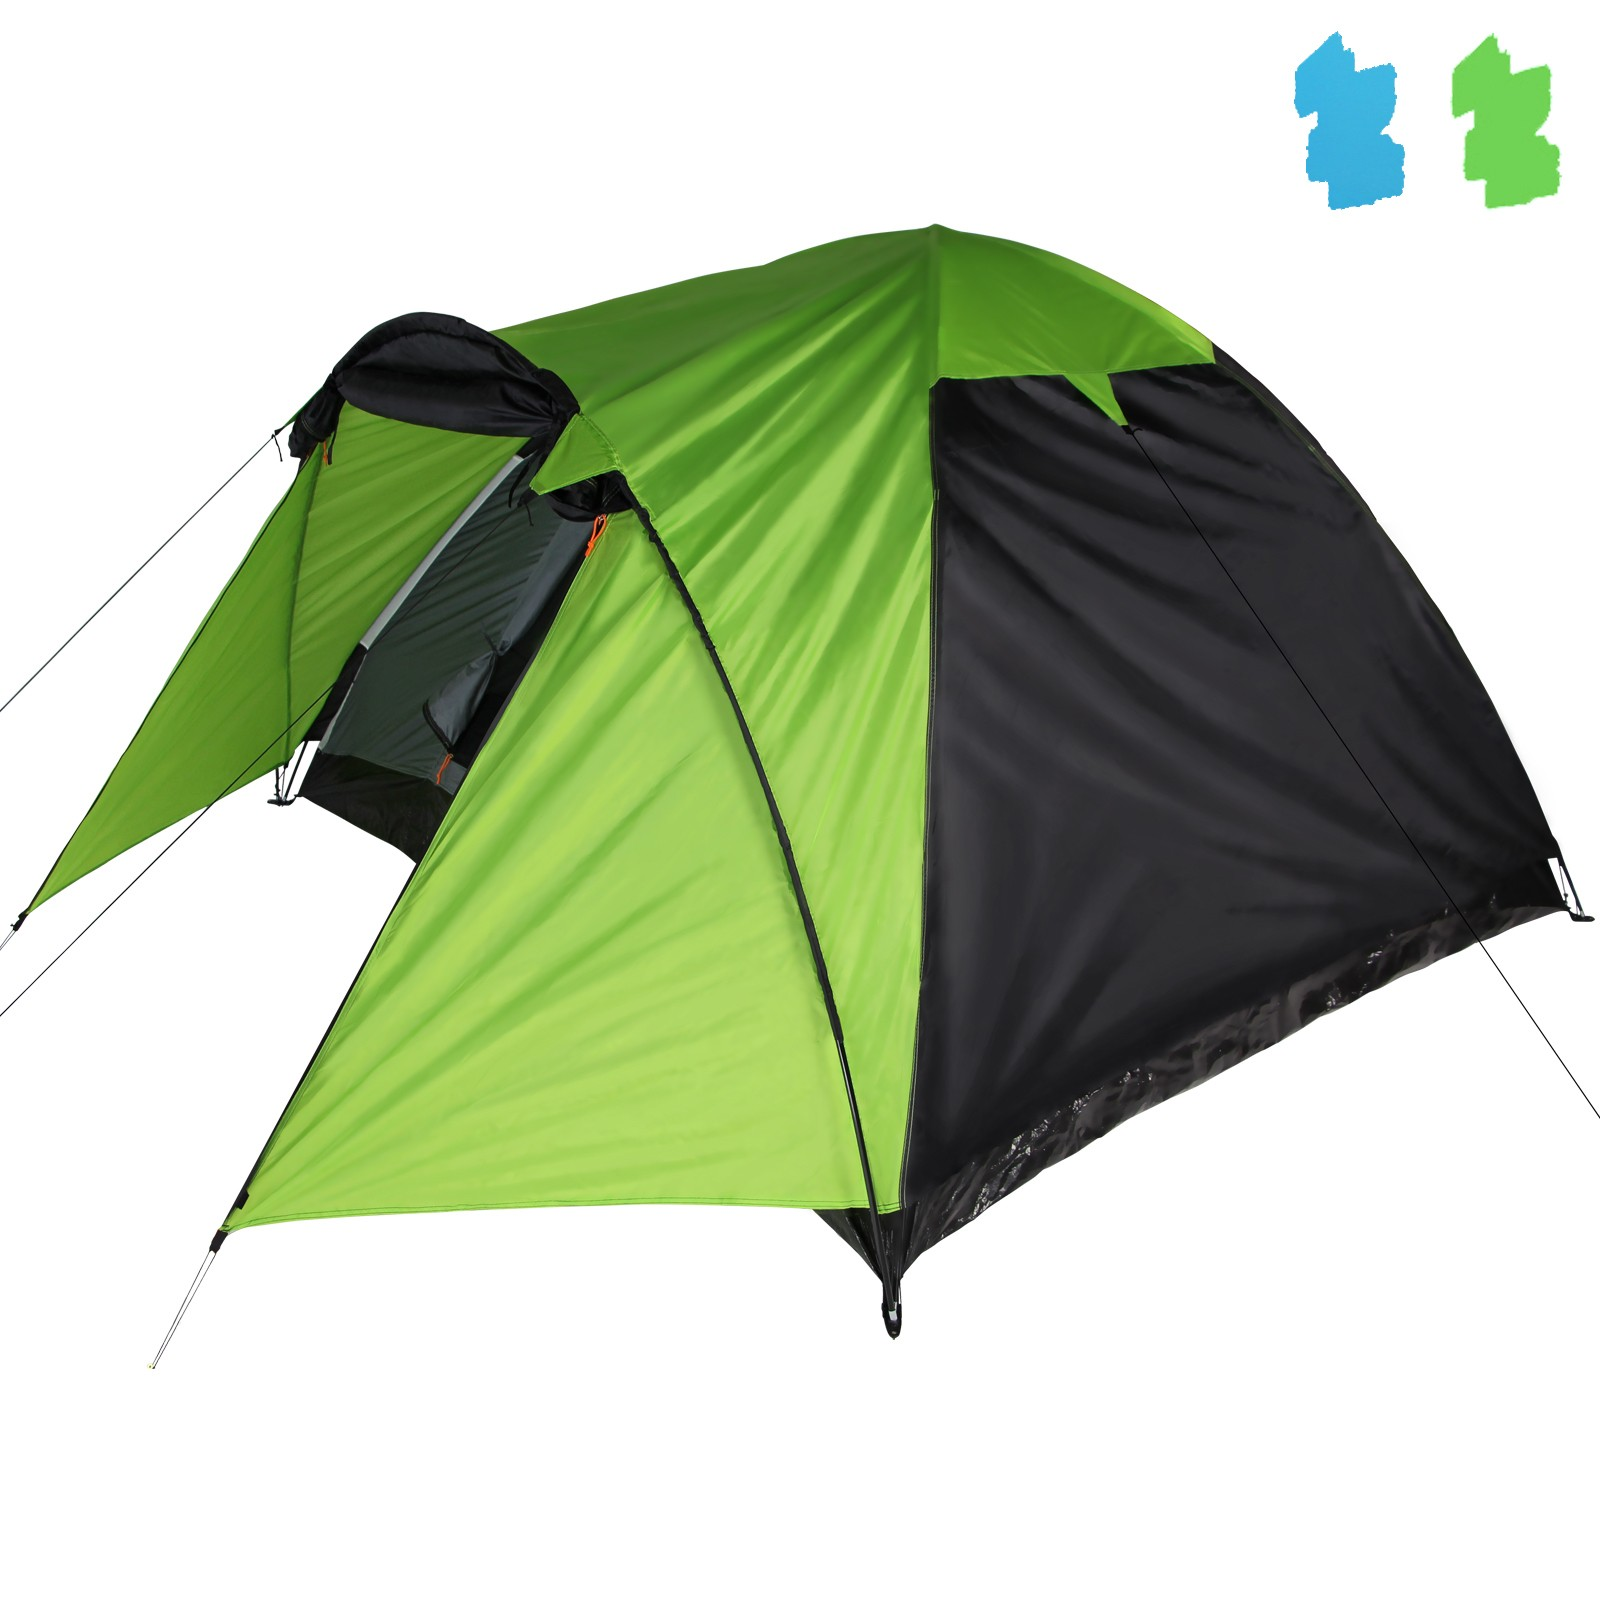 Zelt Set 4 Personen : Zelt kuppelzelt trekkingzelt festivalzelt campingzelt erie